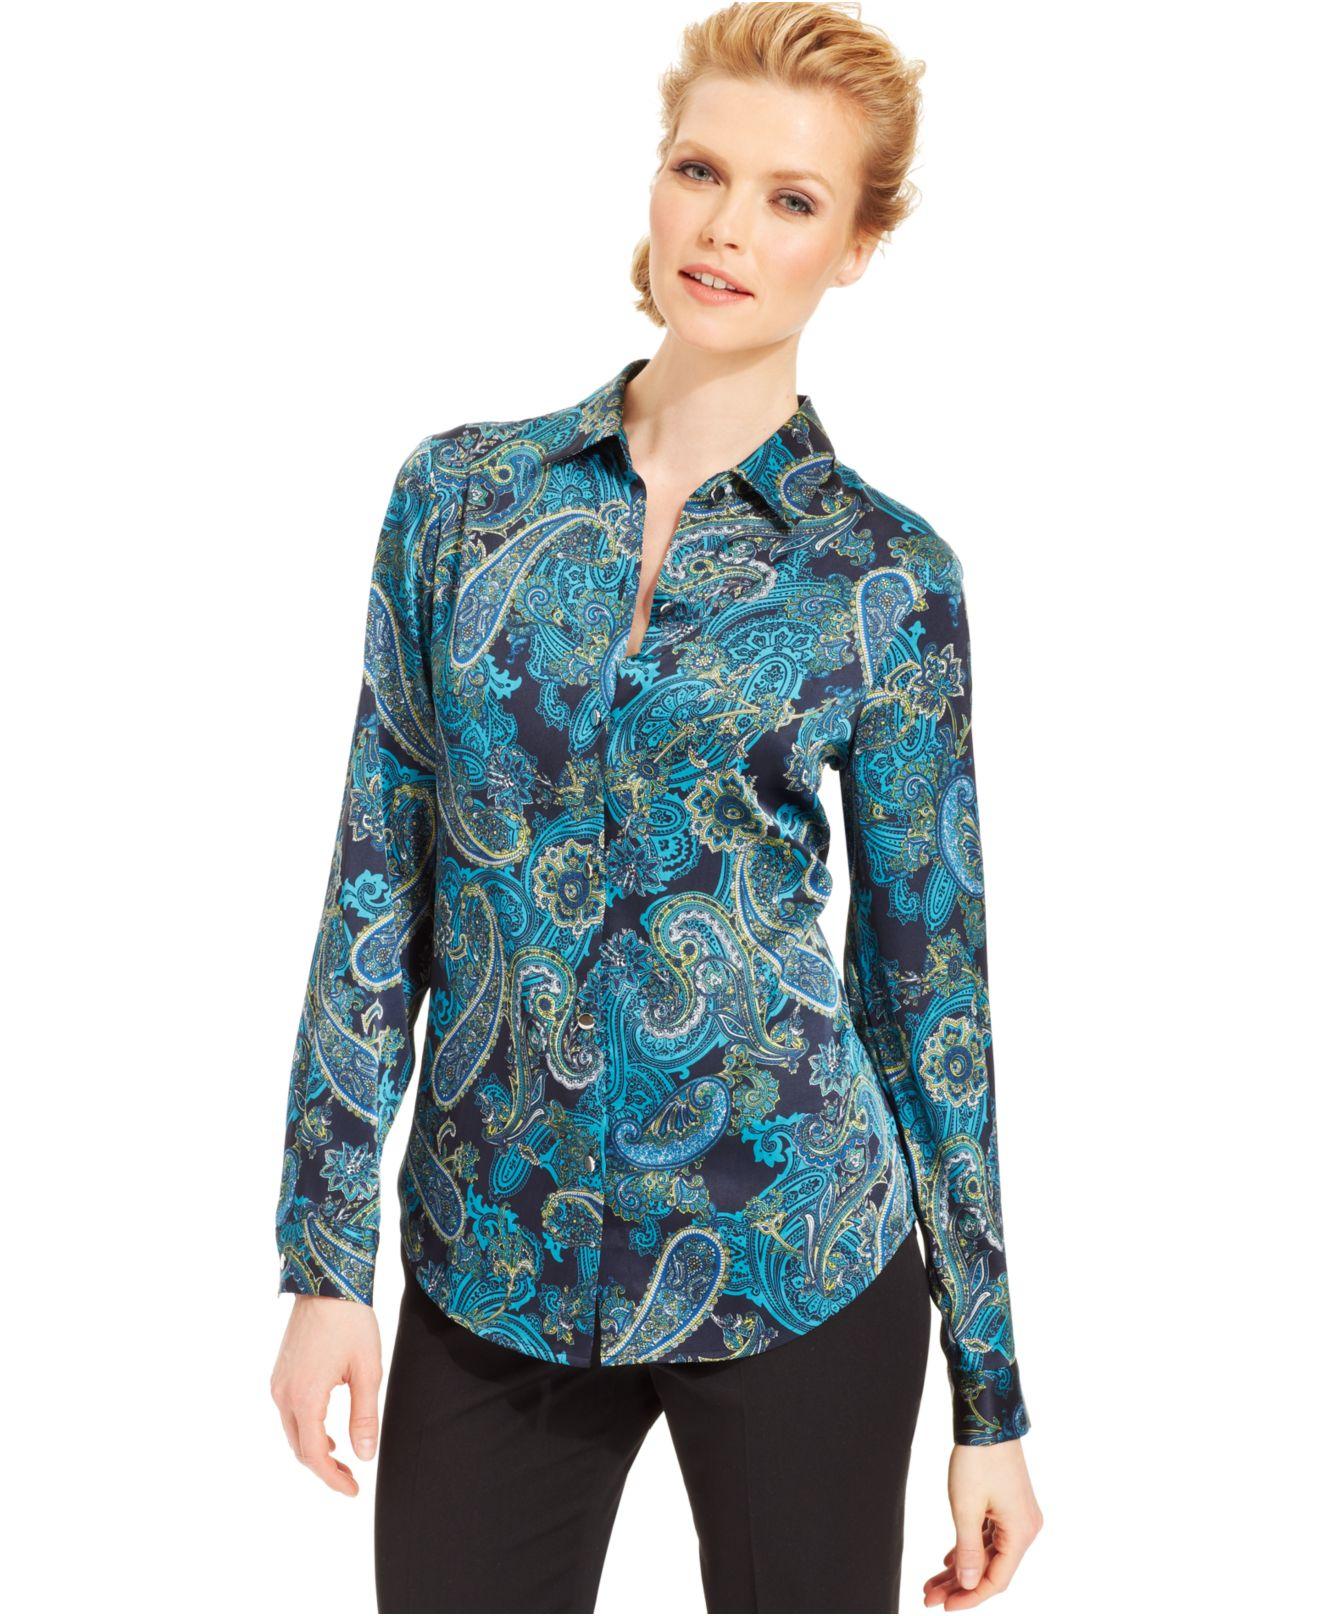 Rock mit Paisley Muster in blau - kleiderkreiselde